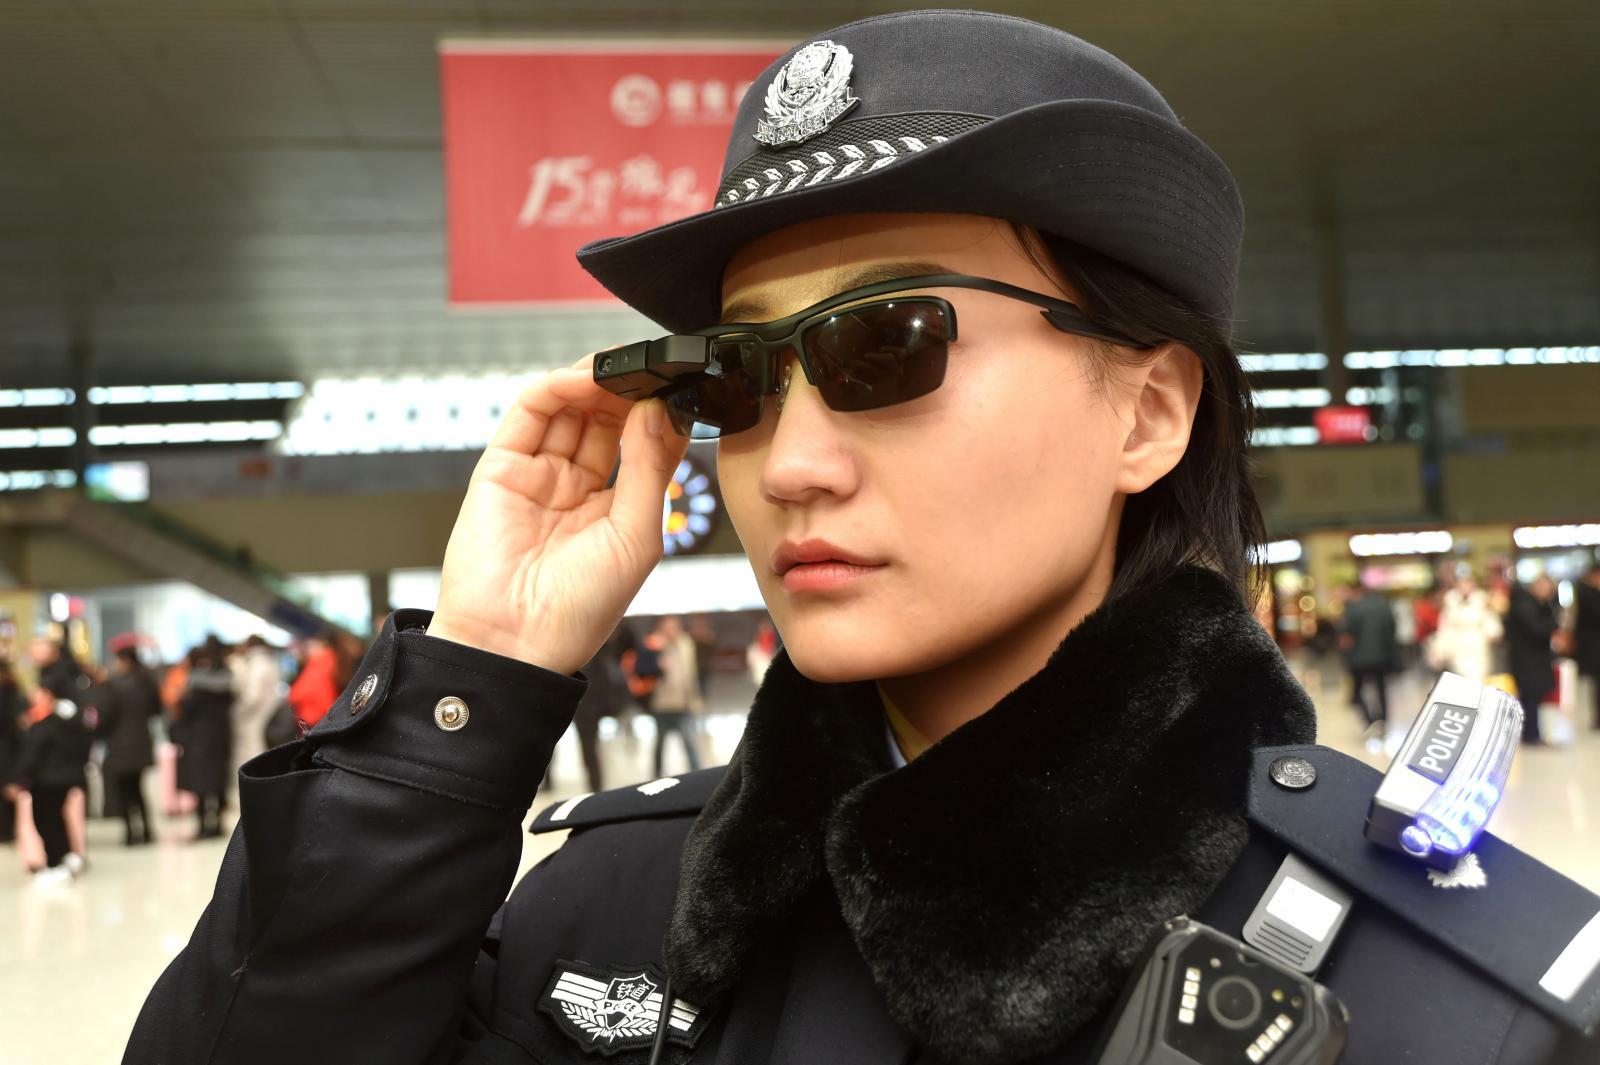 """ตำรวจจีนเริ่มใช้ """"แว่นกันแดดจดจำใบหน้า"""" ช่วยหาตัวคนร้าย"""